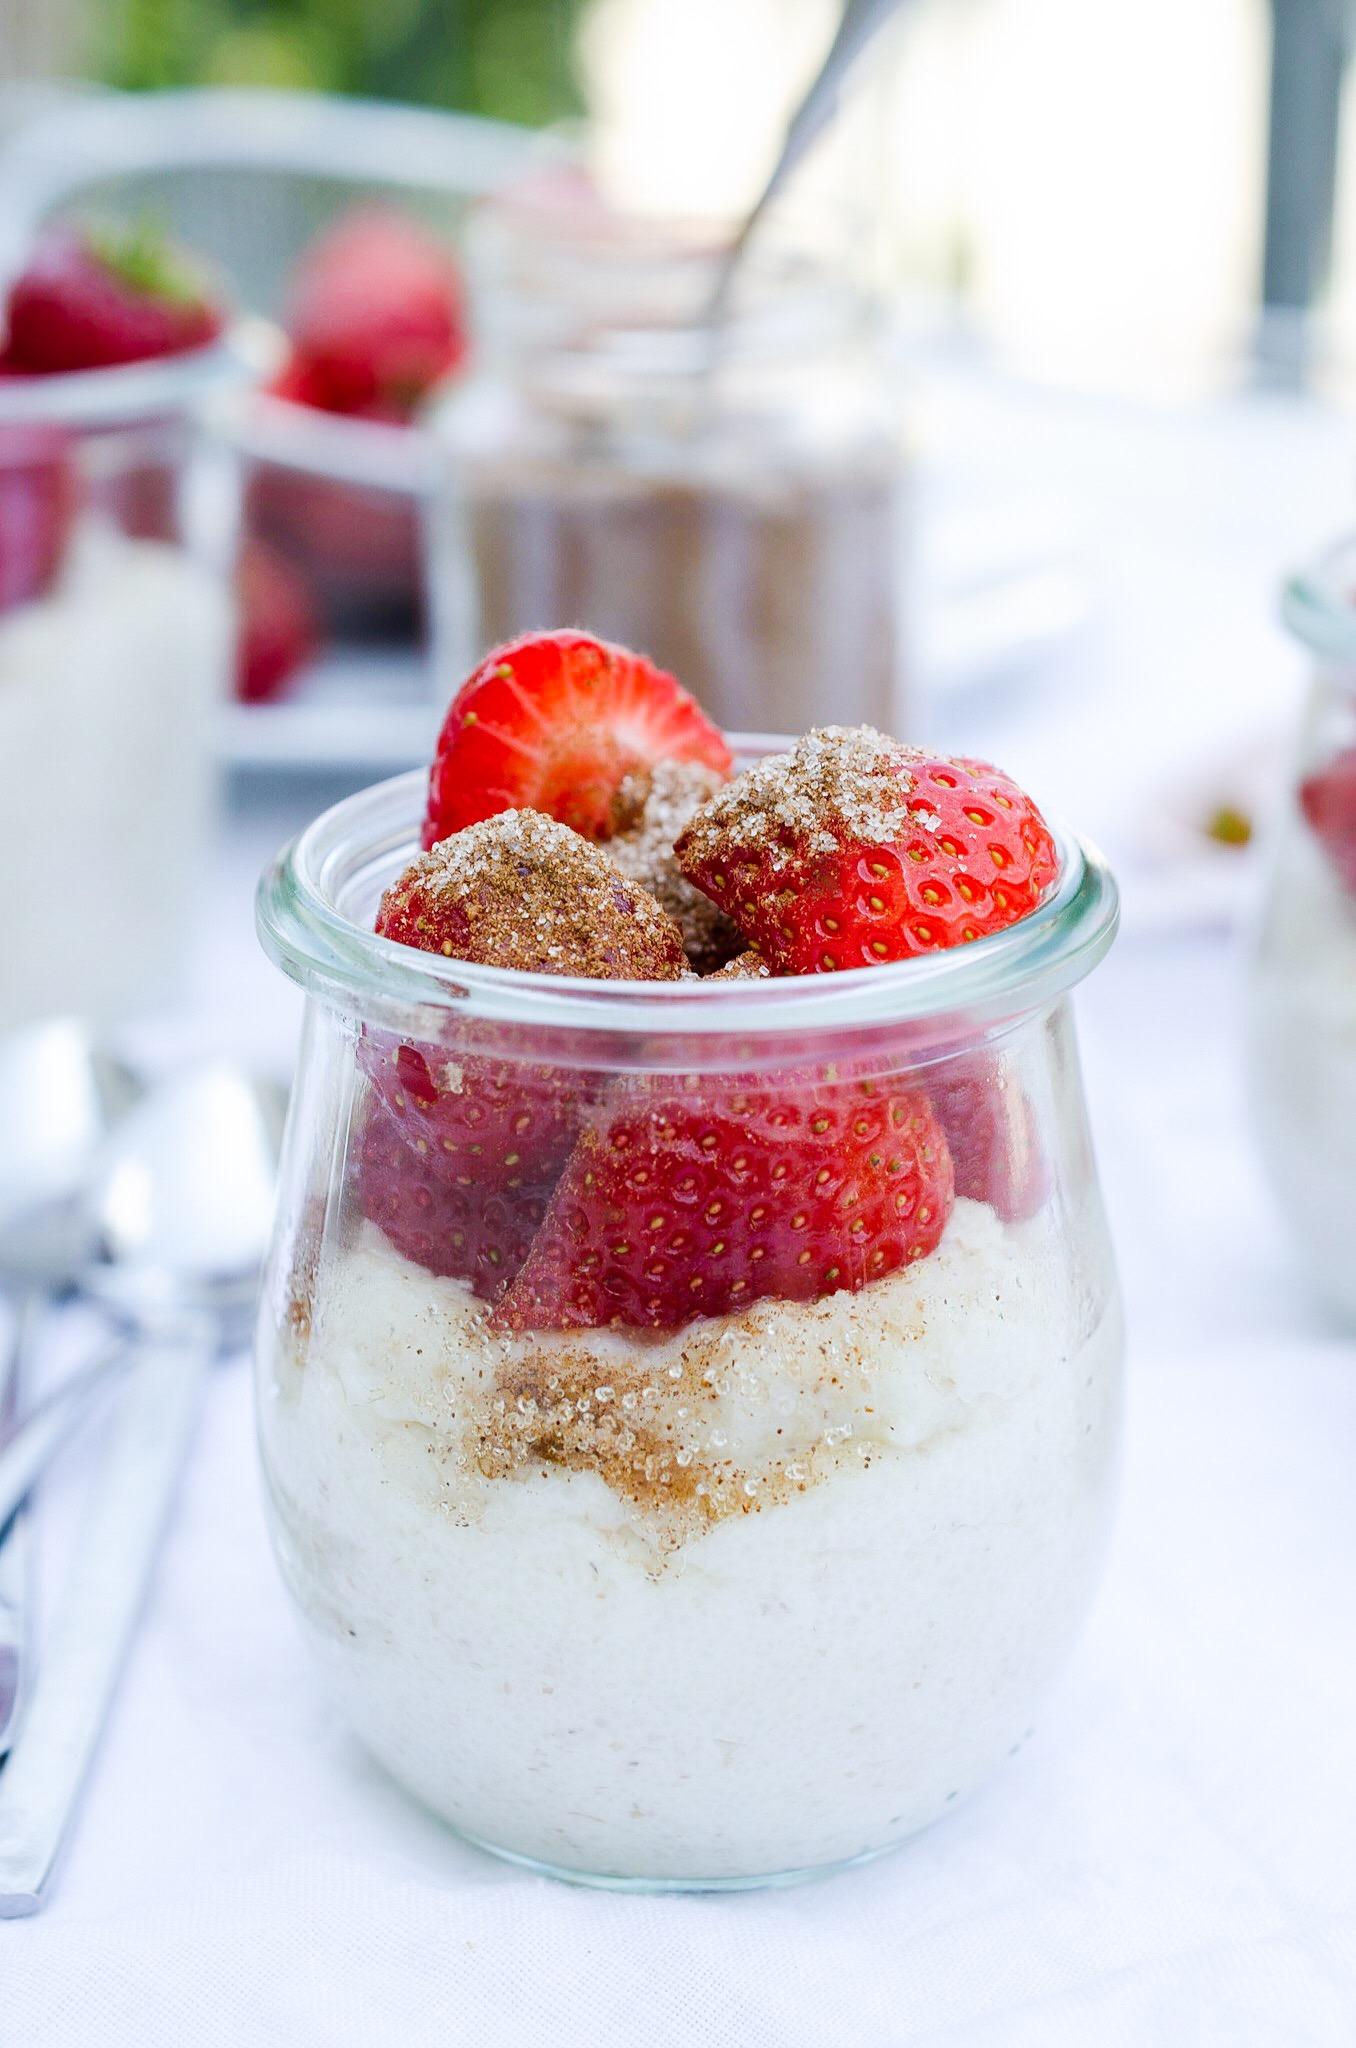 Frühstück, Nachtisch, Snack - Grießbrei mit Erdbeeren und Zimt und Zucker